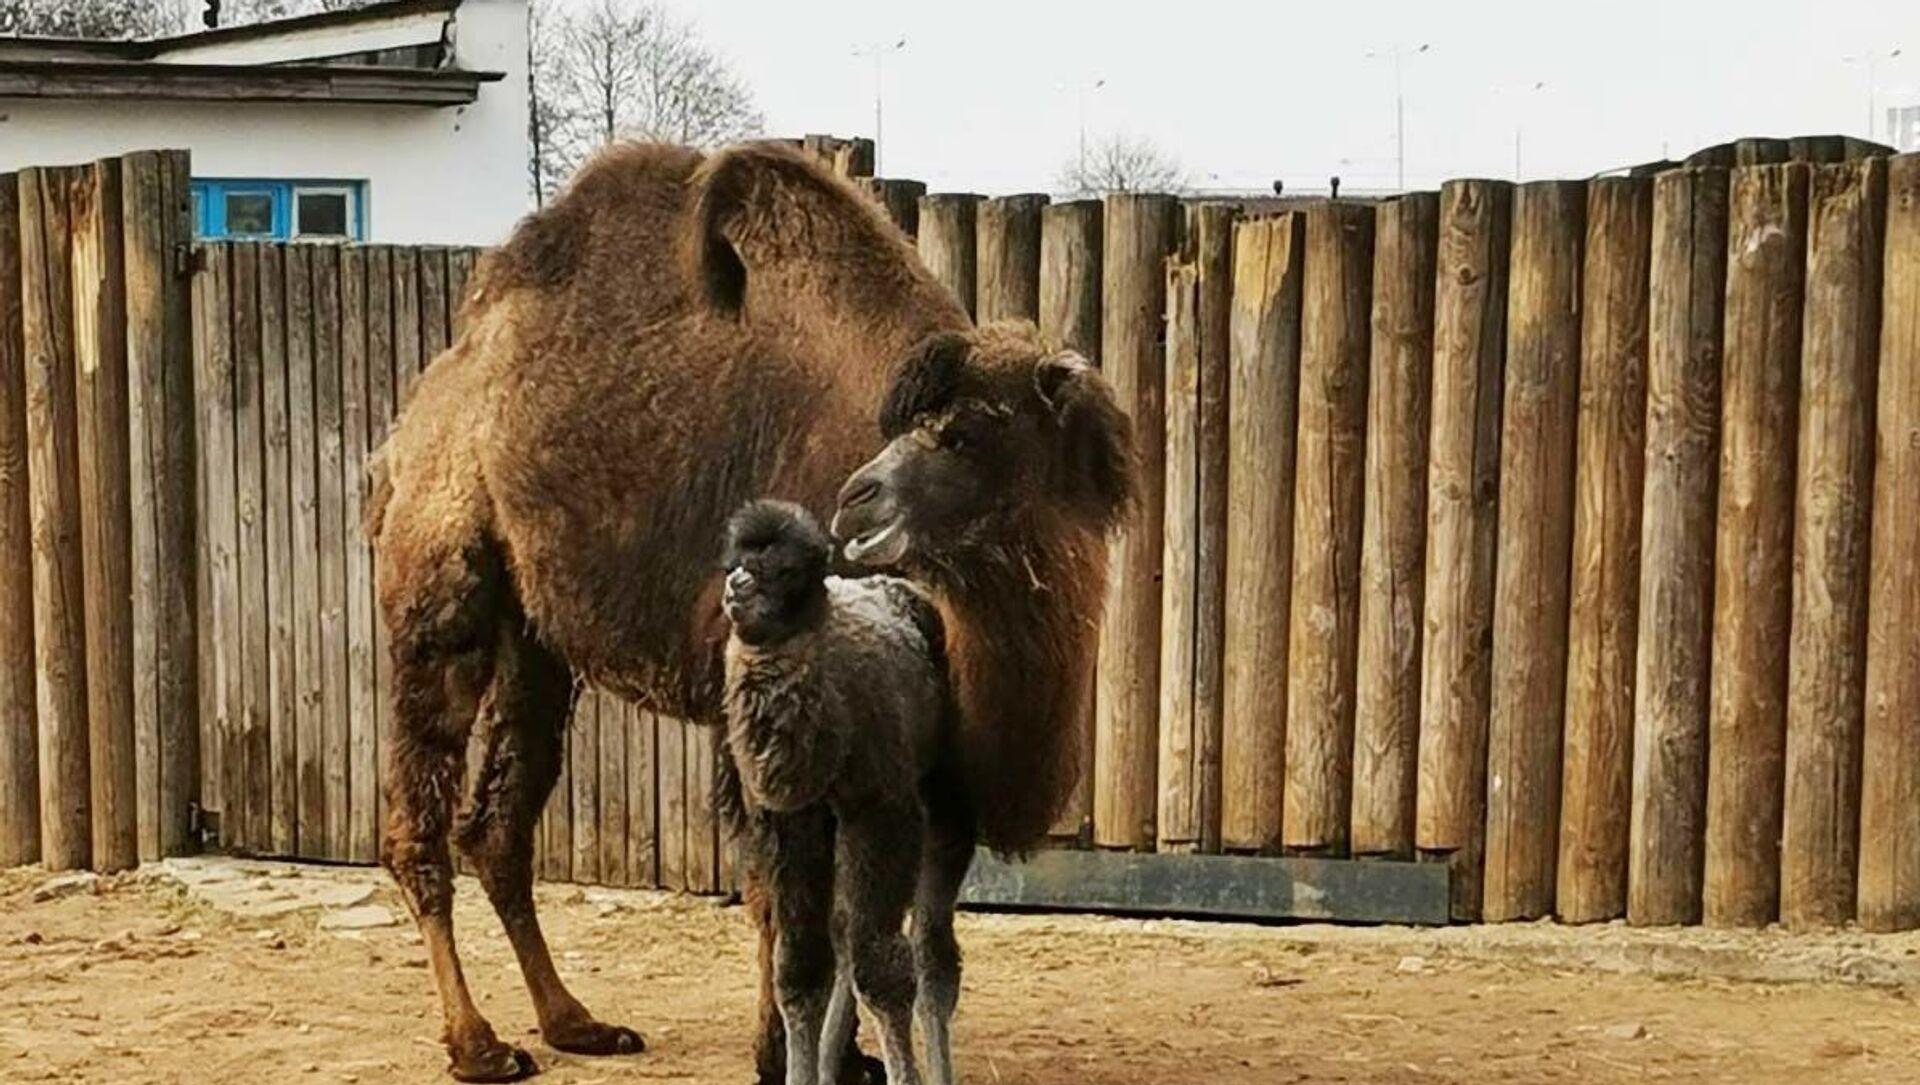 В зоопарке впервые родился верблюжонок у самки Яшмы и самца Васи - Sputnik Беларусь, 1920, 05.04.2021